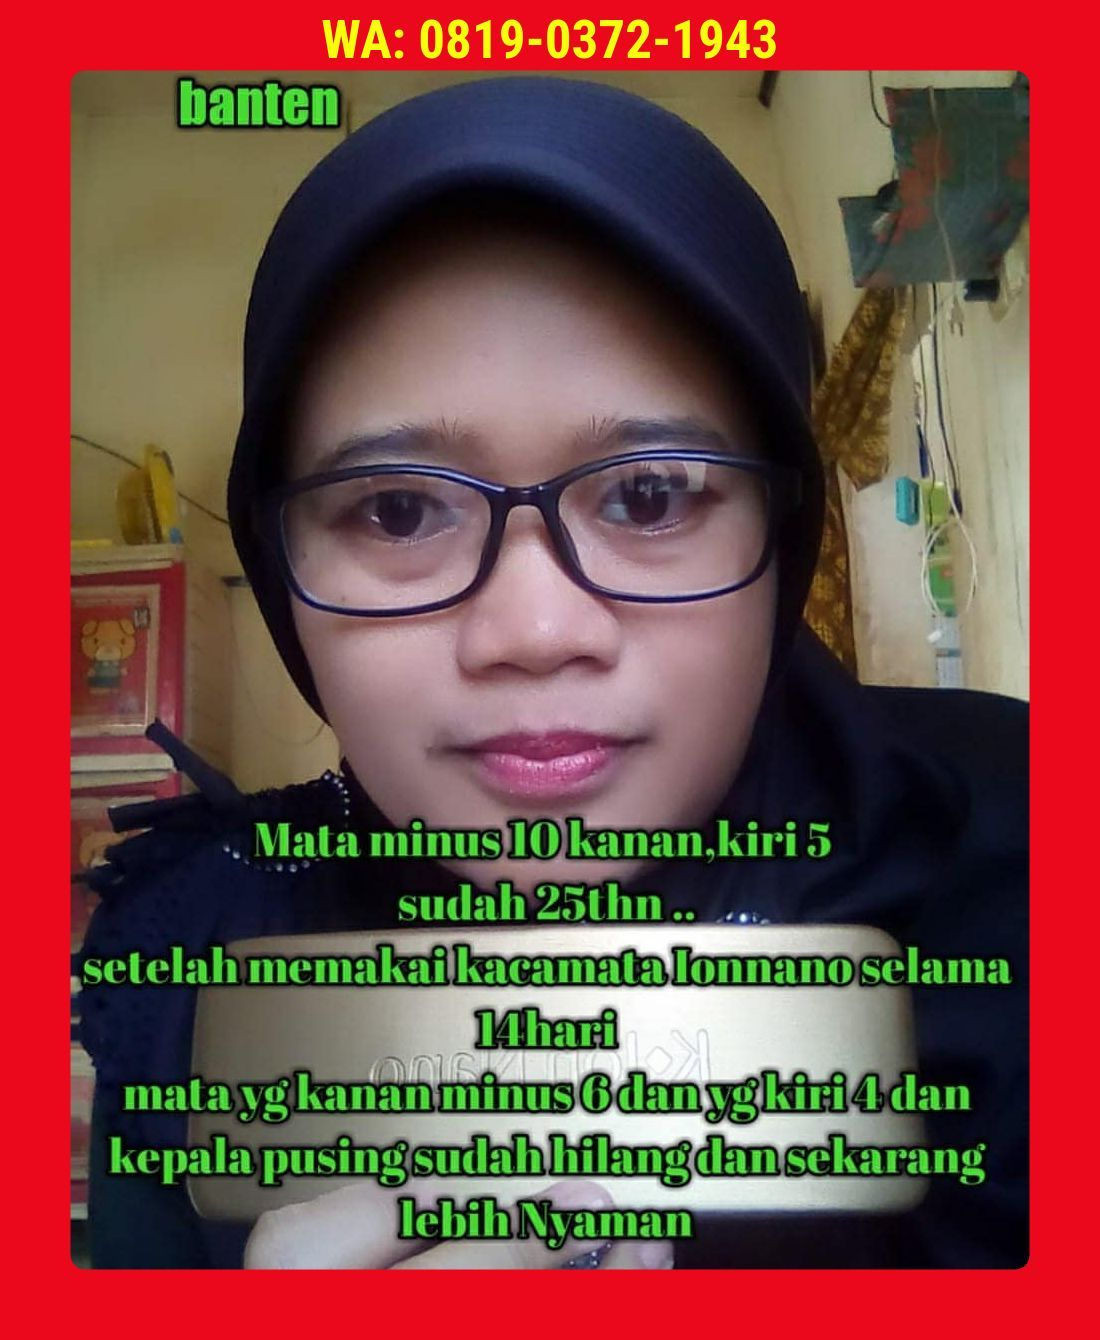 62819 0372 1943 Wa Kacamata Terapi Mengurangi Minus Di Jakarta Bogor Tangerang Bekasi Depok Terapi Kacamata Mata